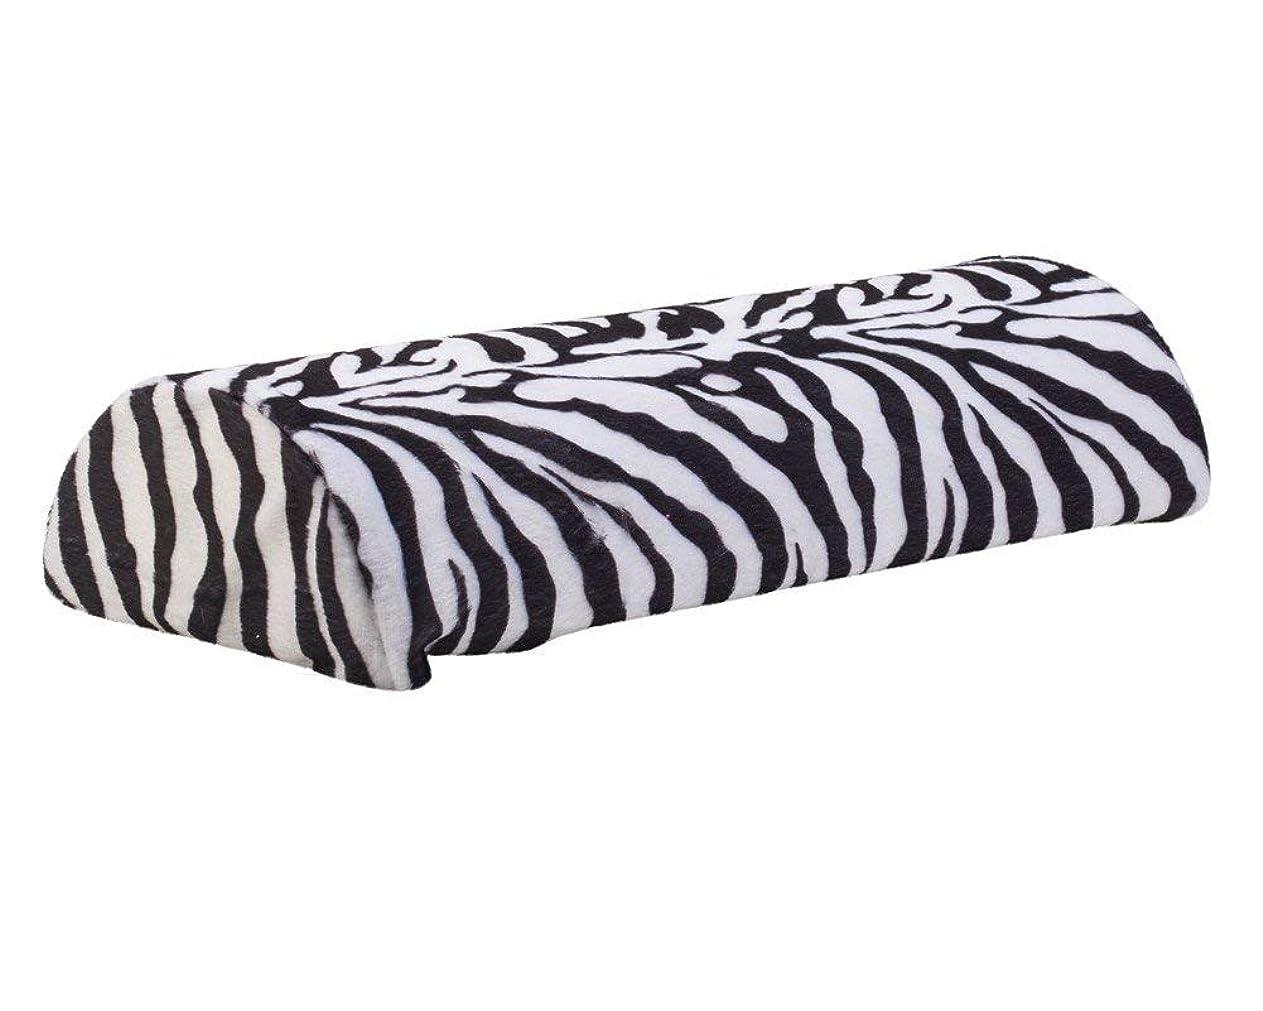 ほとんどの場合臭い行うマニキュアとネイルアートデザインアプリケーションのための素晴らしい品質のプロフェッショナルサロンツールアクセサリーソフト枕/黒と白色のシマウマパターンでハンドレスト